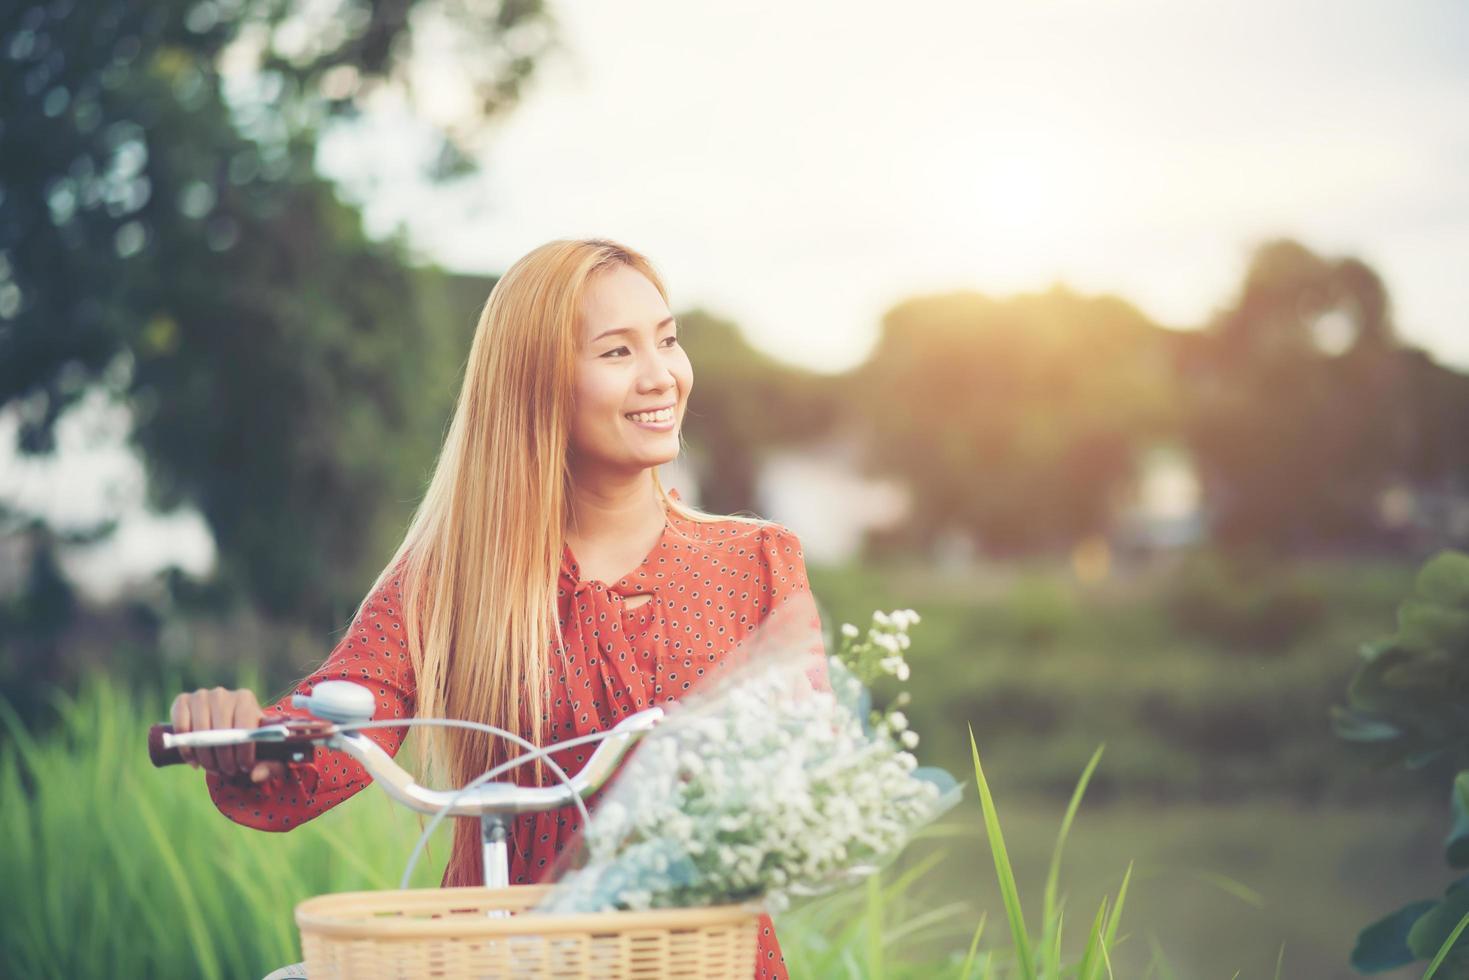 giovane donna asiatica in sella a una bicicletta in un parco foto